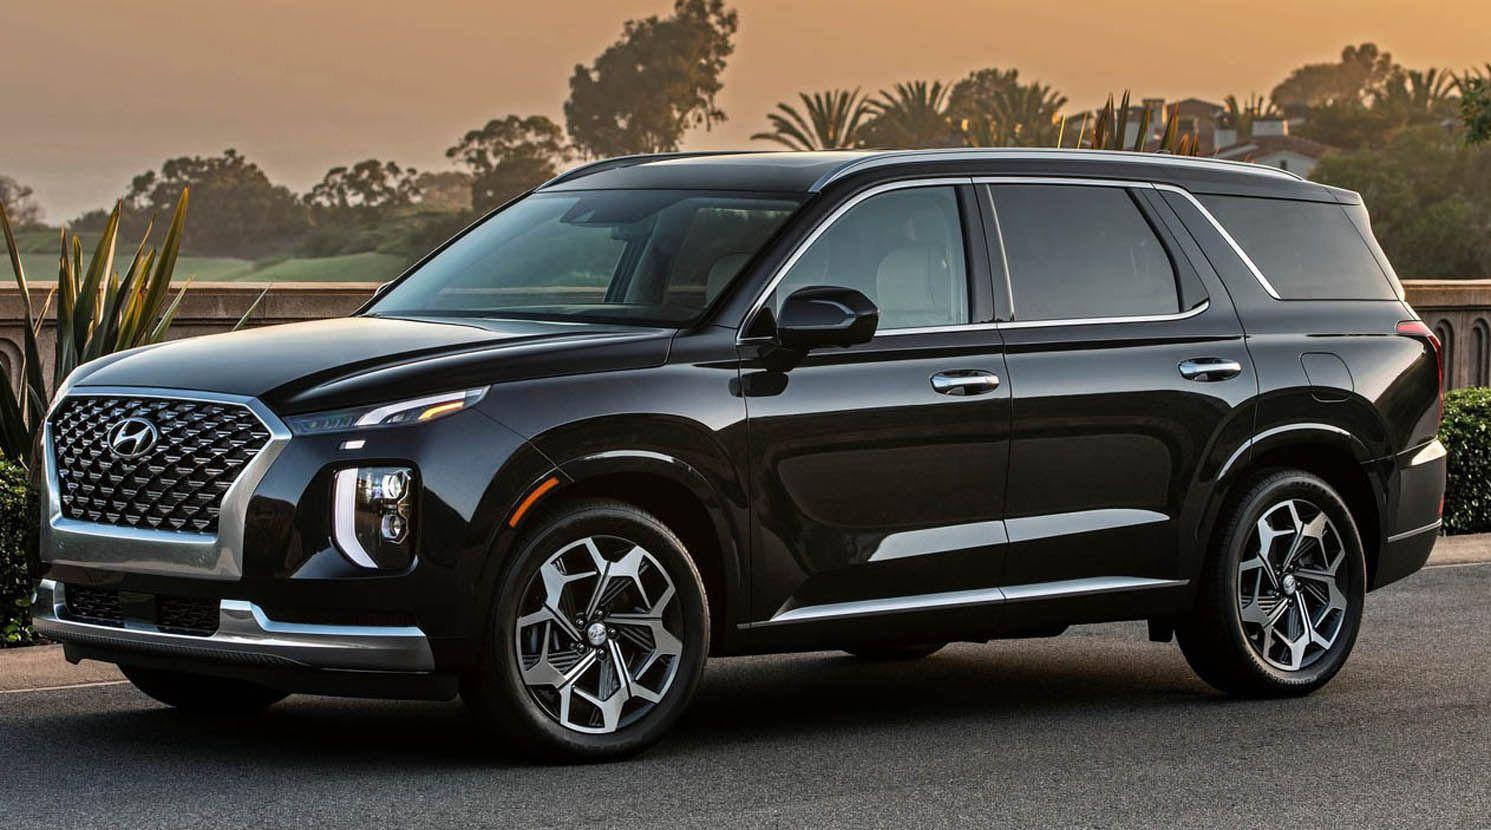 هيونداي باليسيد كاليغرافي الجديدة 2021 لمسات فخامة اضافية على سيارة الدفع الرباعي العائلية الأنيقة موقع ويلز In 2020 Hyundai Upcoming Cars Car